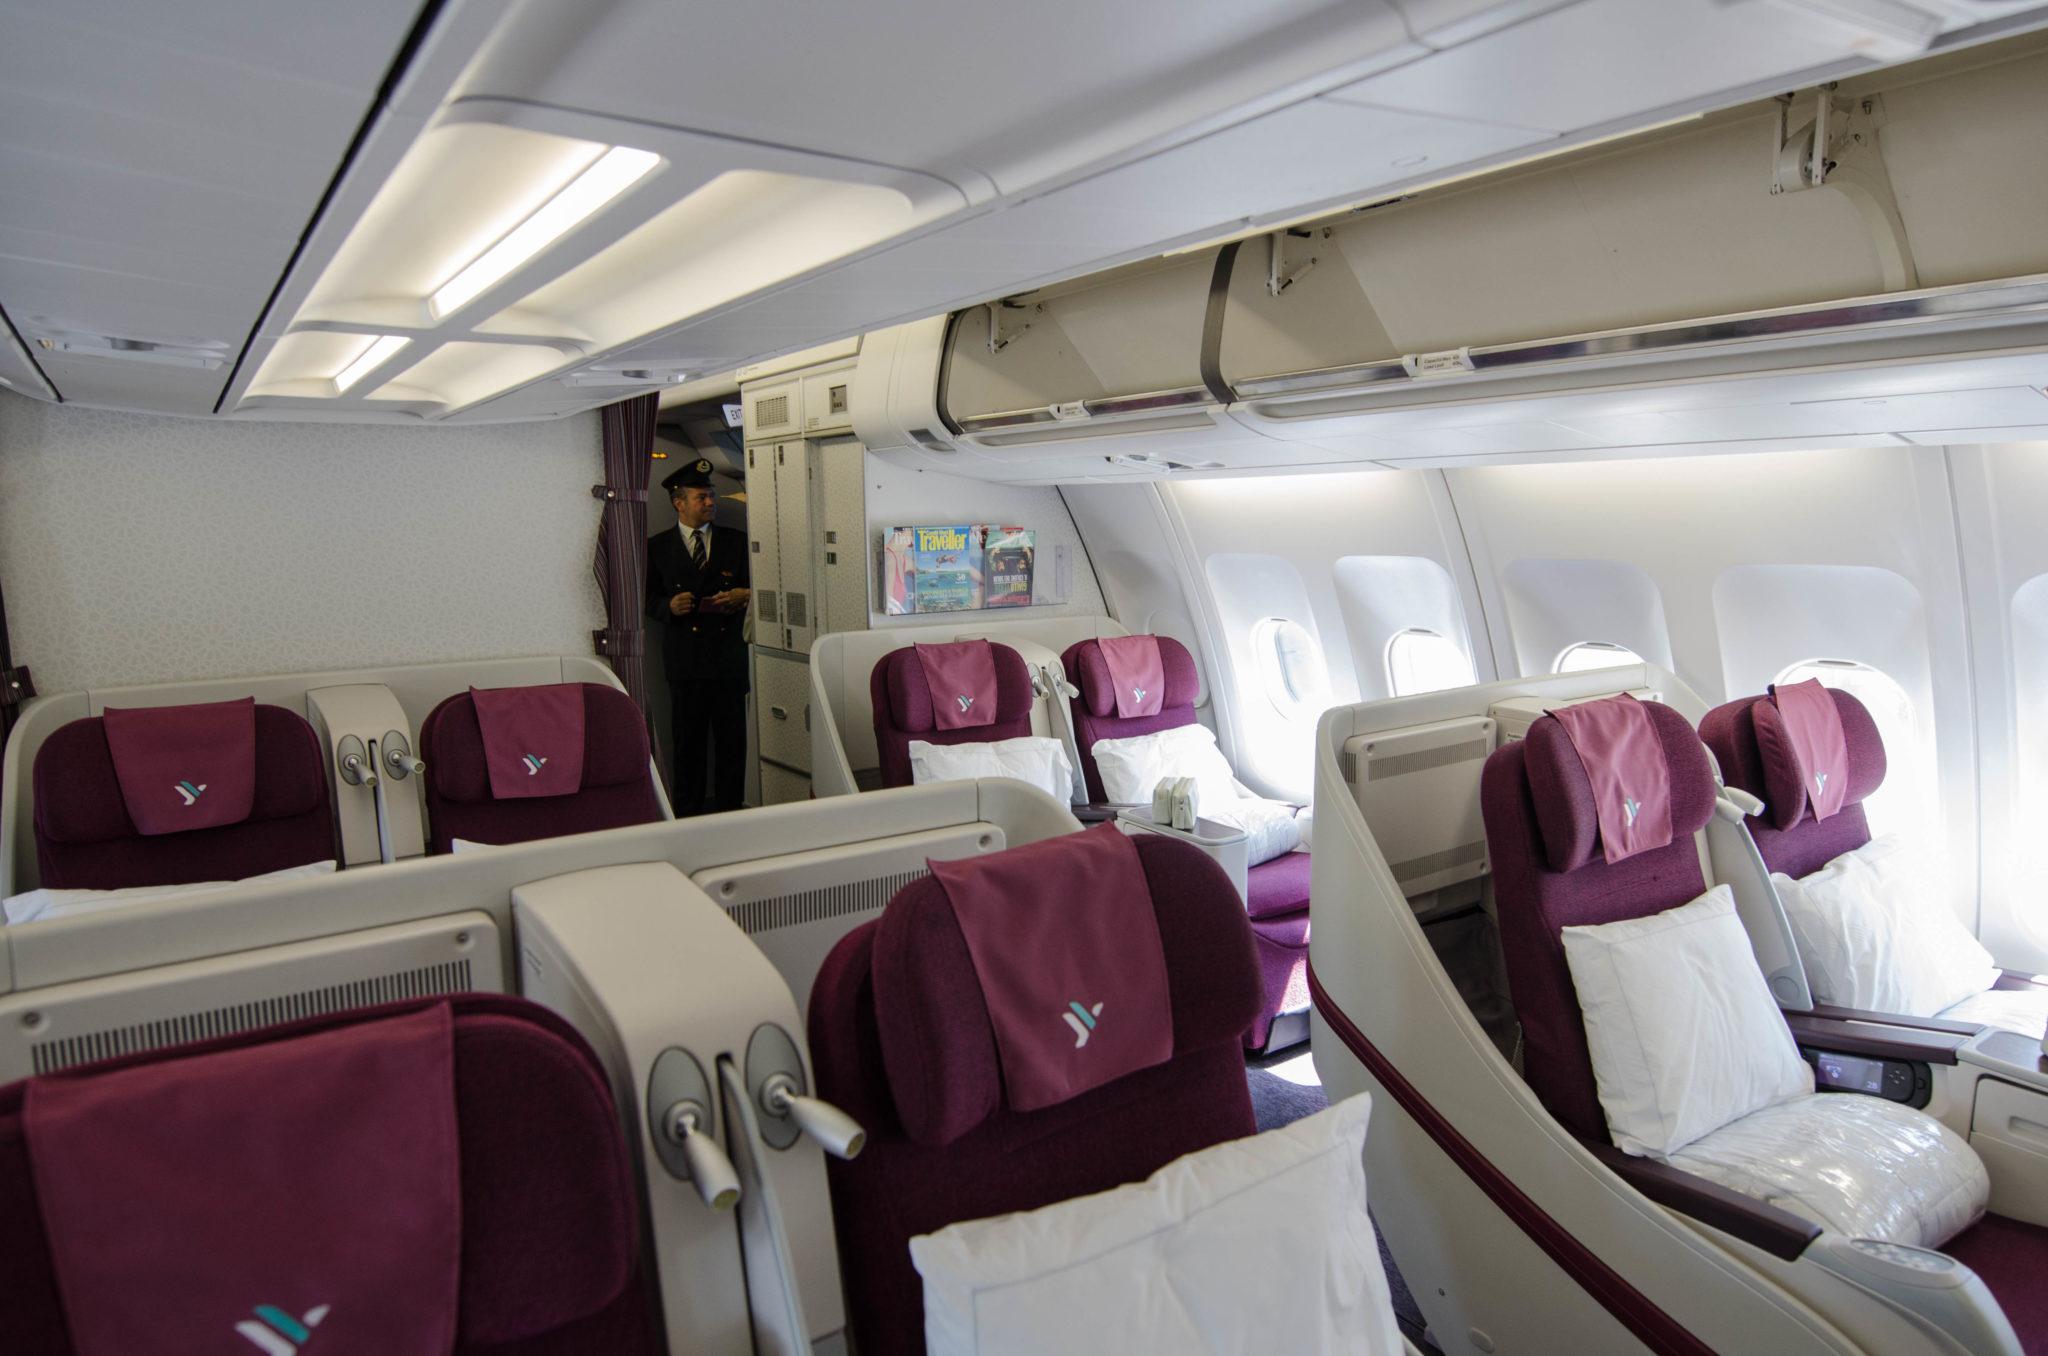 Die Kabine in der Air Italy Business Class auf dem Flug von Mailand nach New York